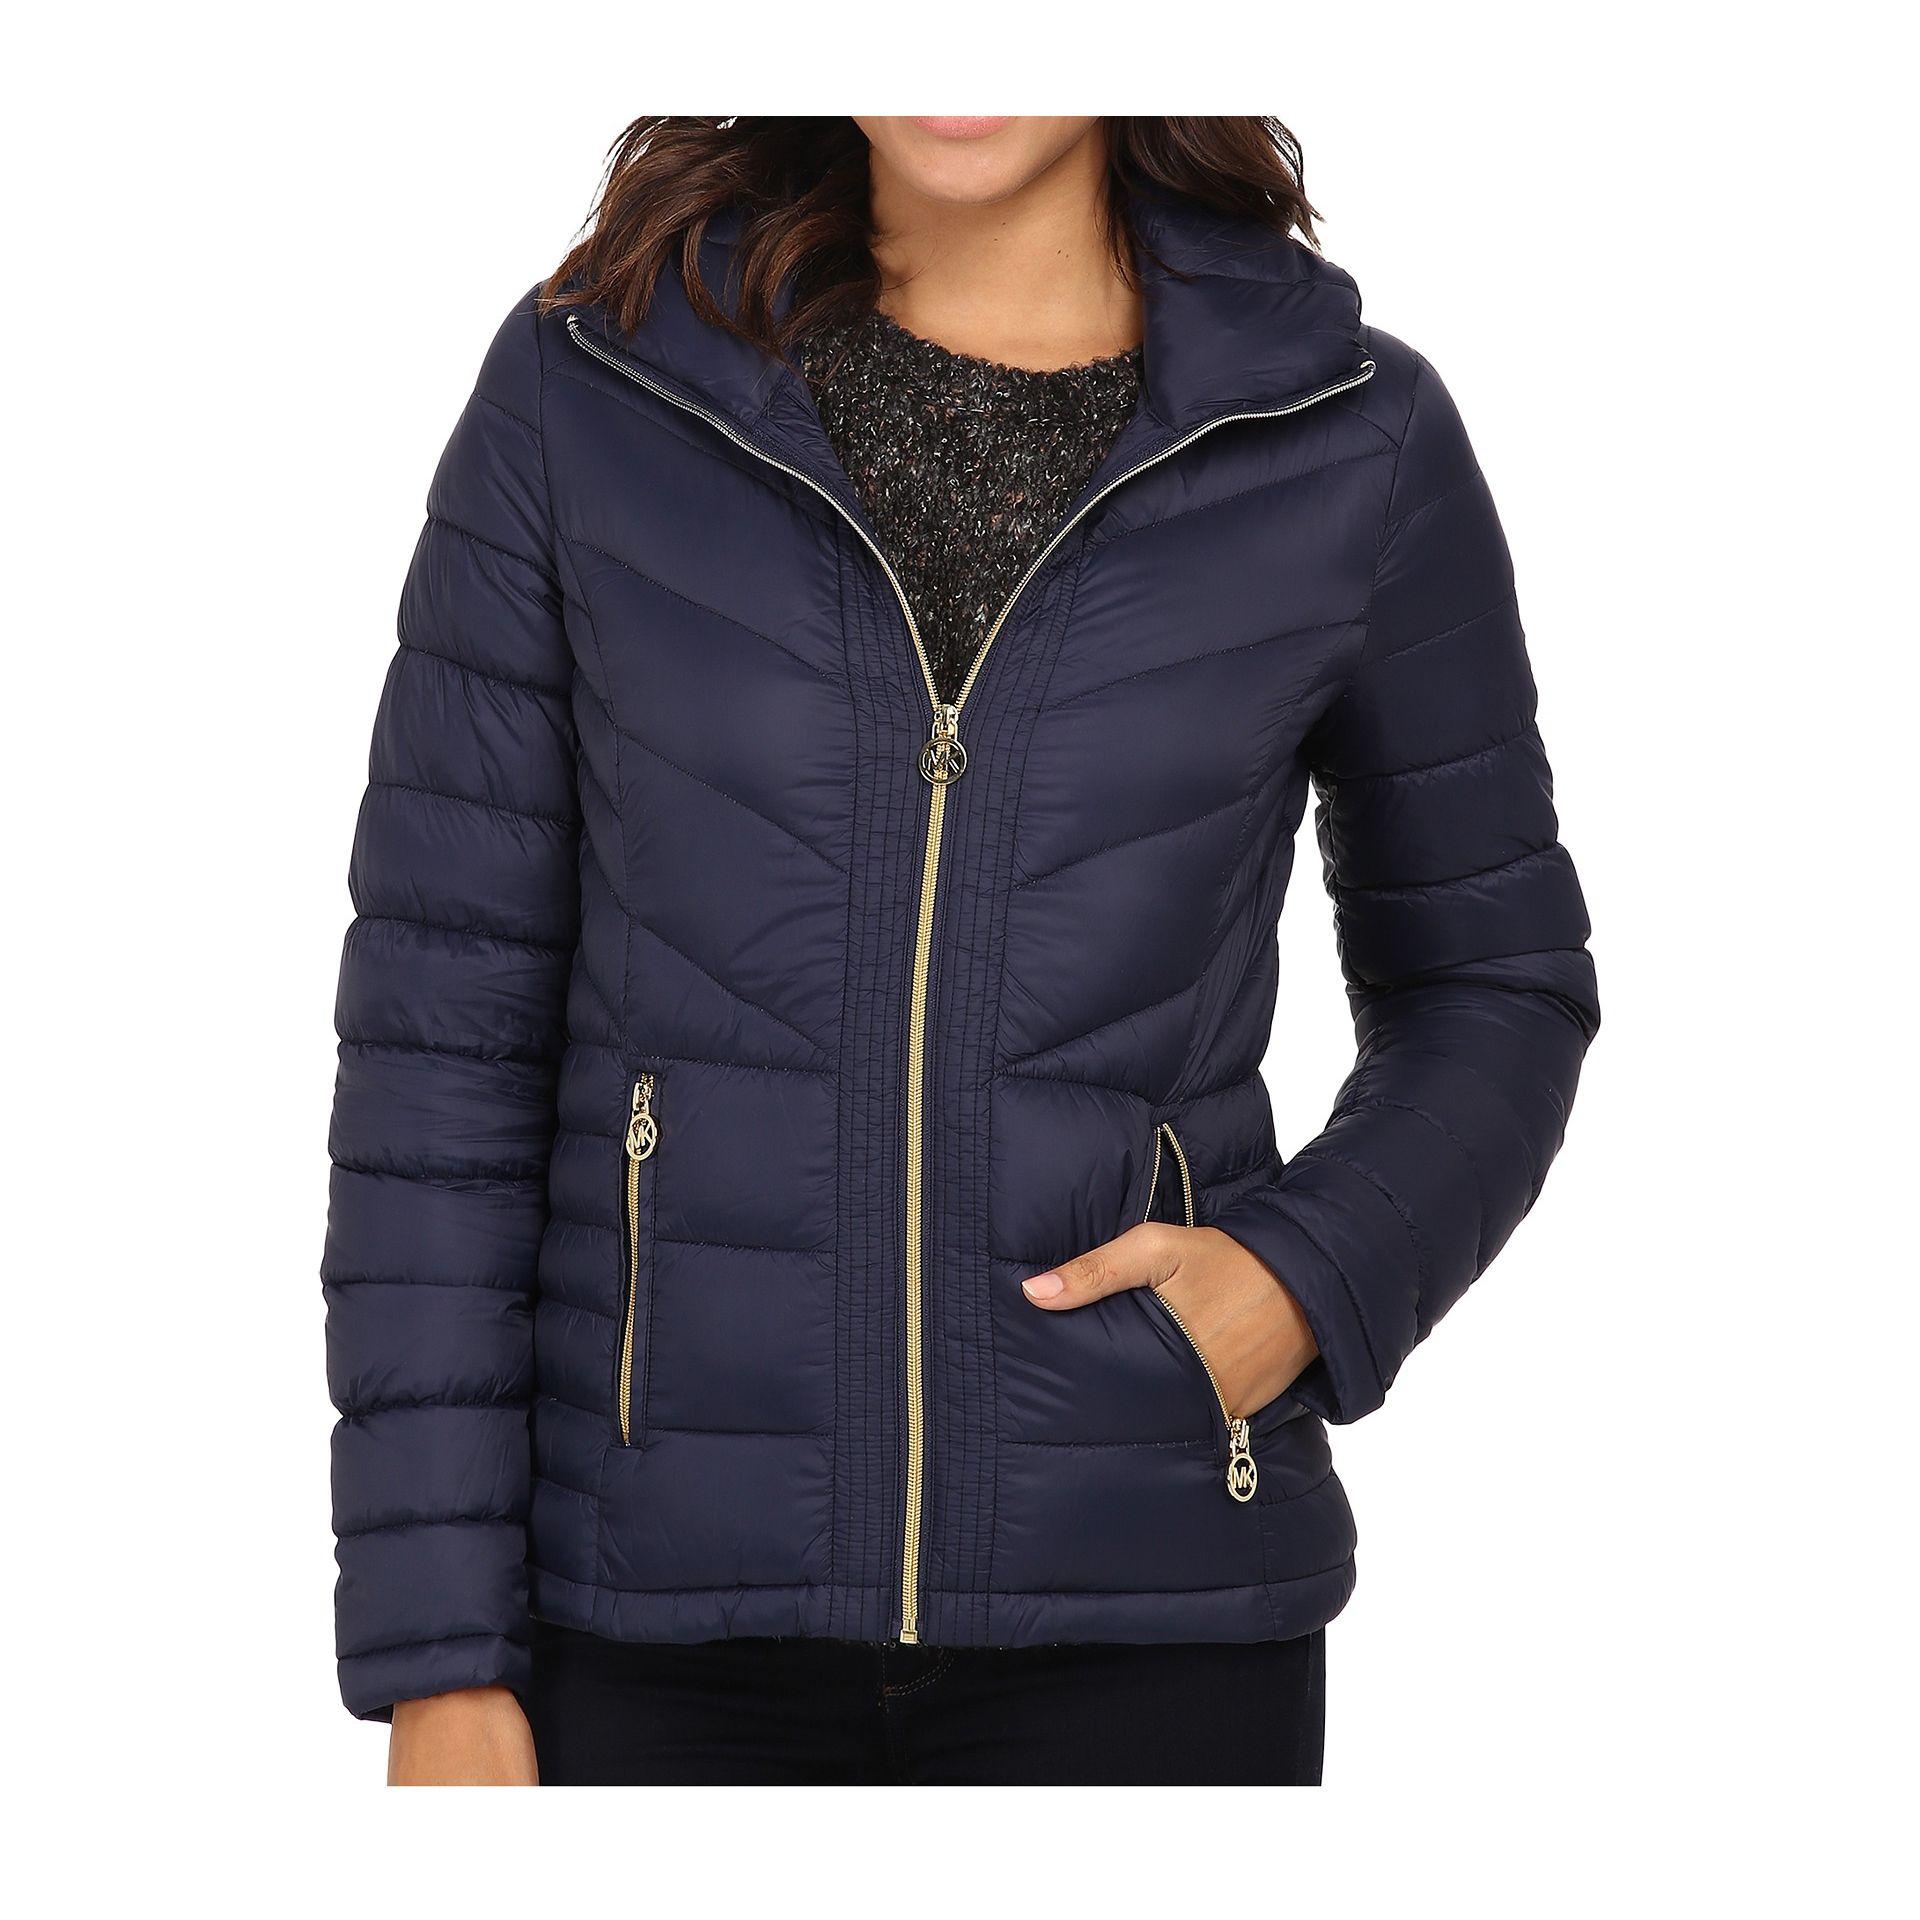 Our Best Women S Outerwear Deals Women S Outerwear Jackets Packable Jacket Outerwear Women [ 1920 x 1920 Pixel ]